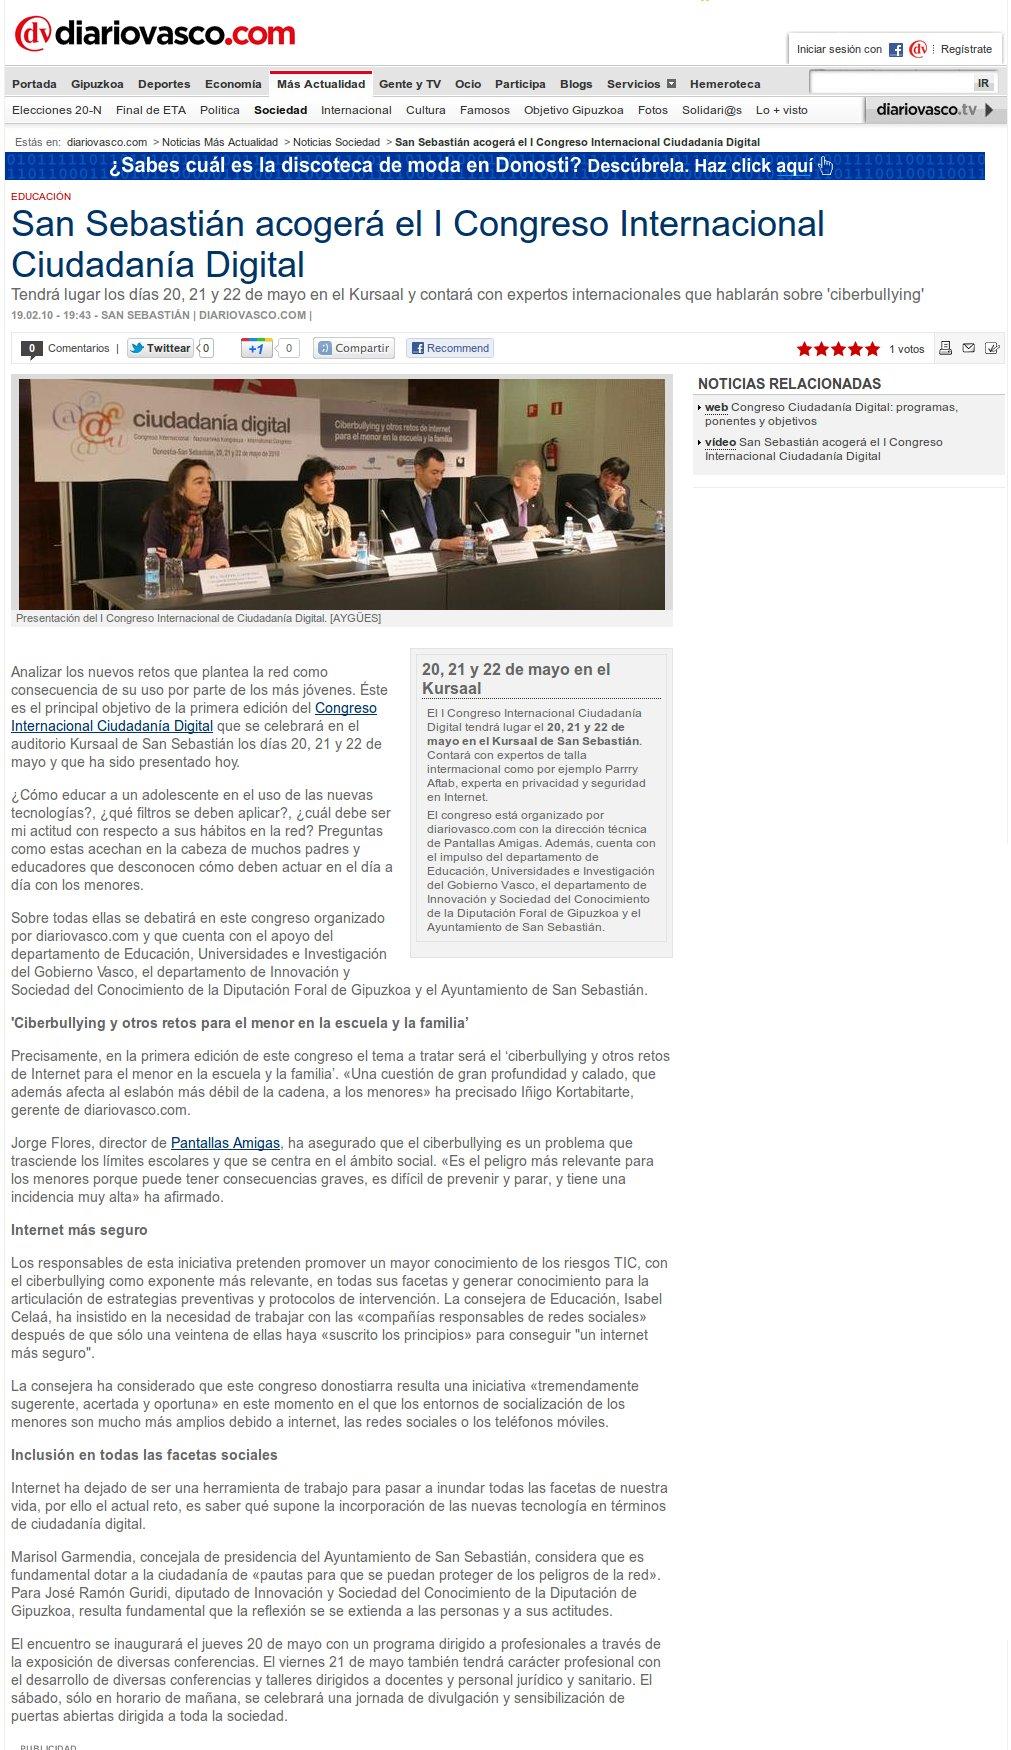 San Sebastián acogerá el I Congreso Internacional Ciudadanía Digital